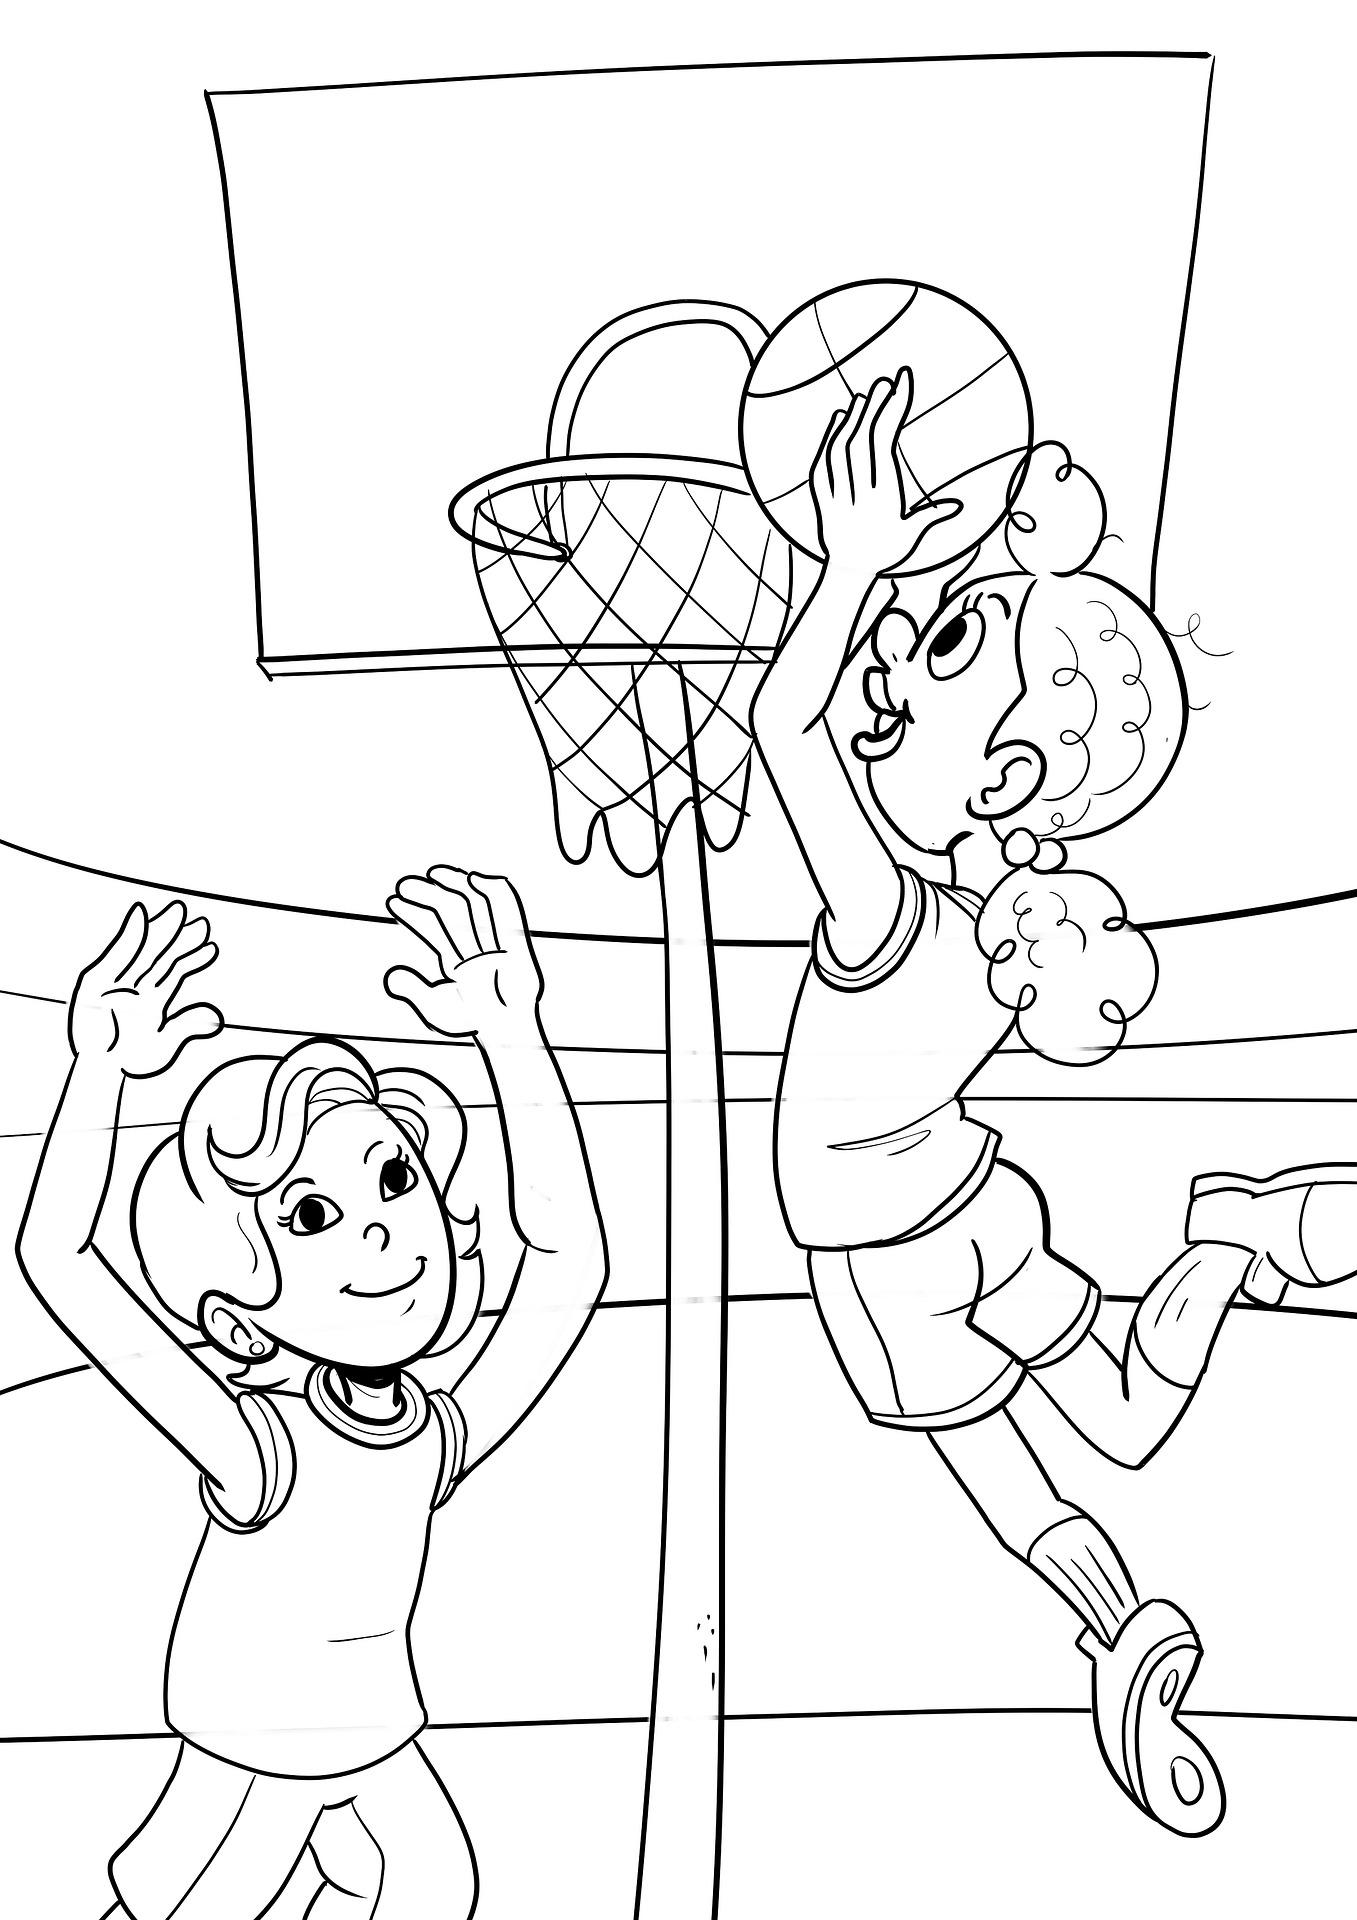 Koszykowka Dzieci Kolorowanka Do Druku